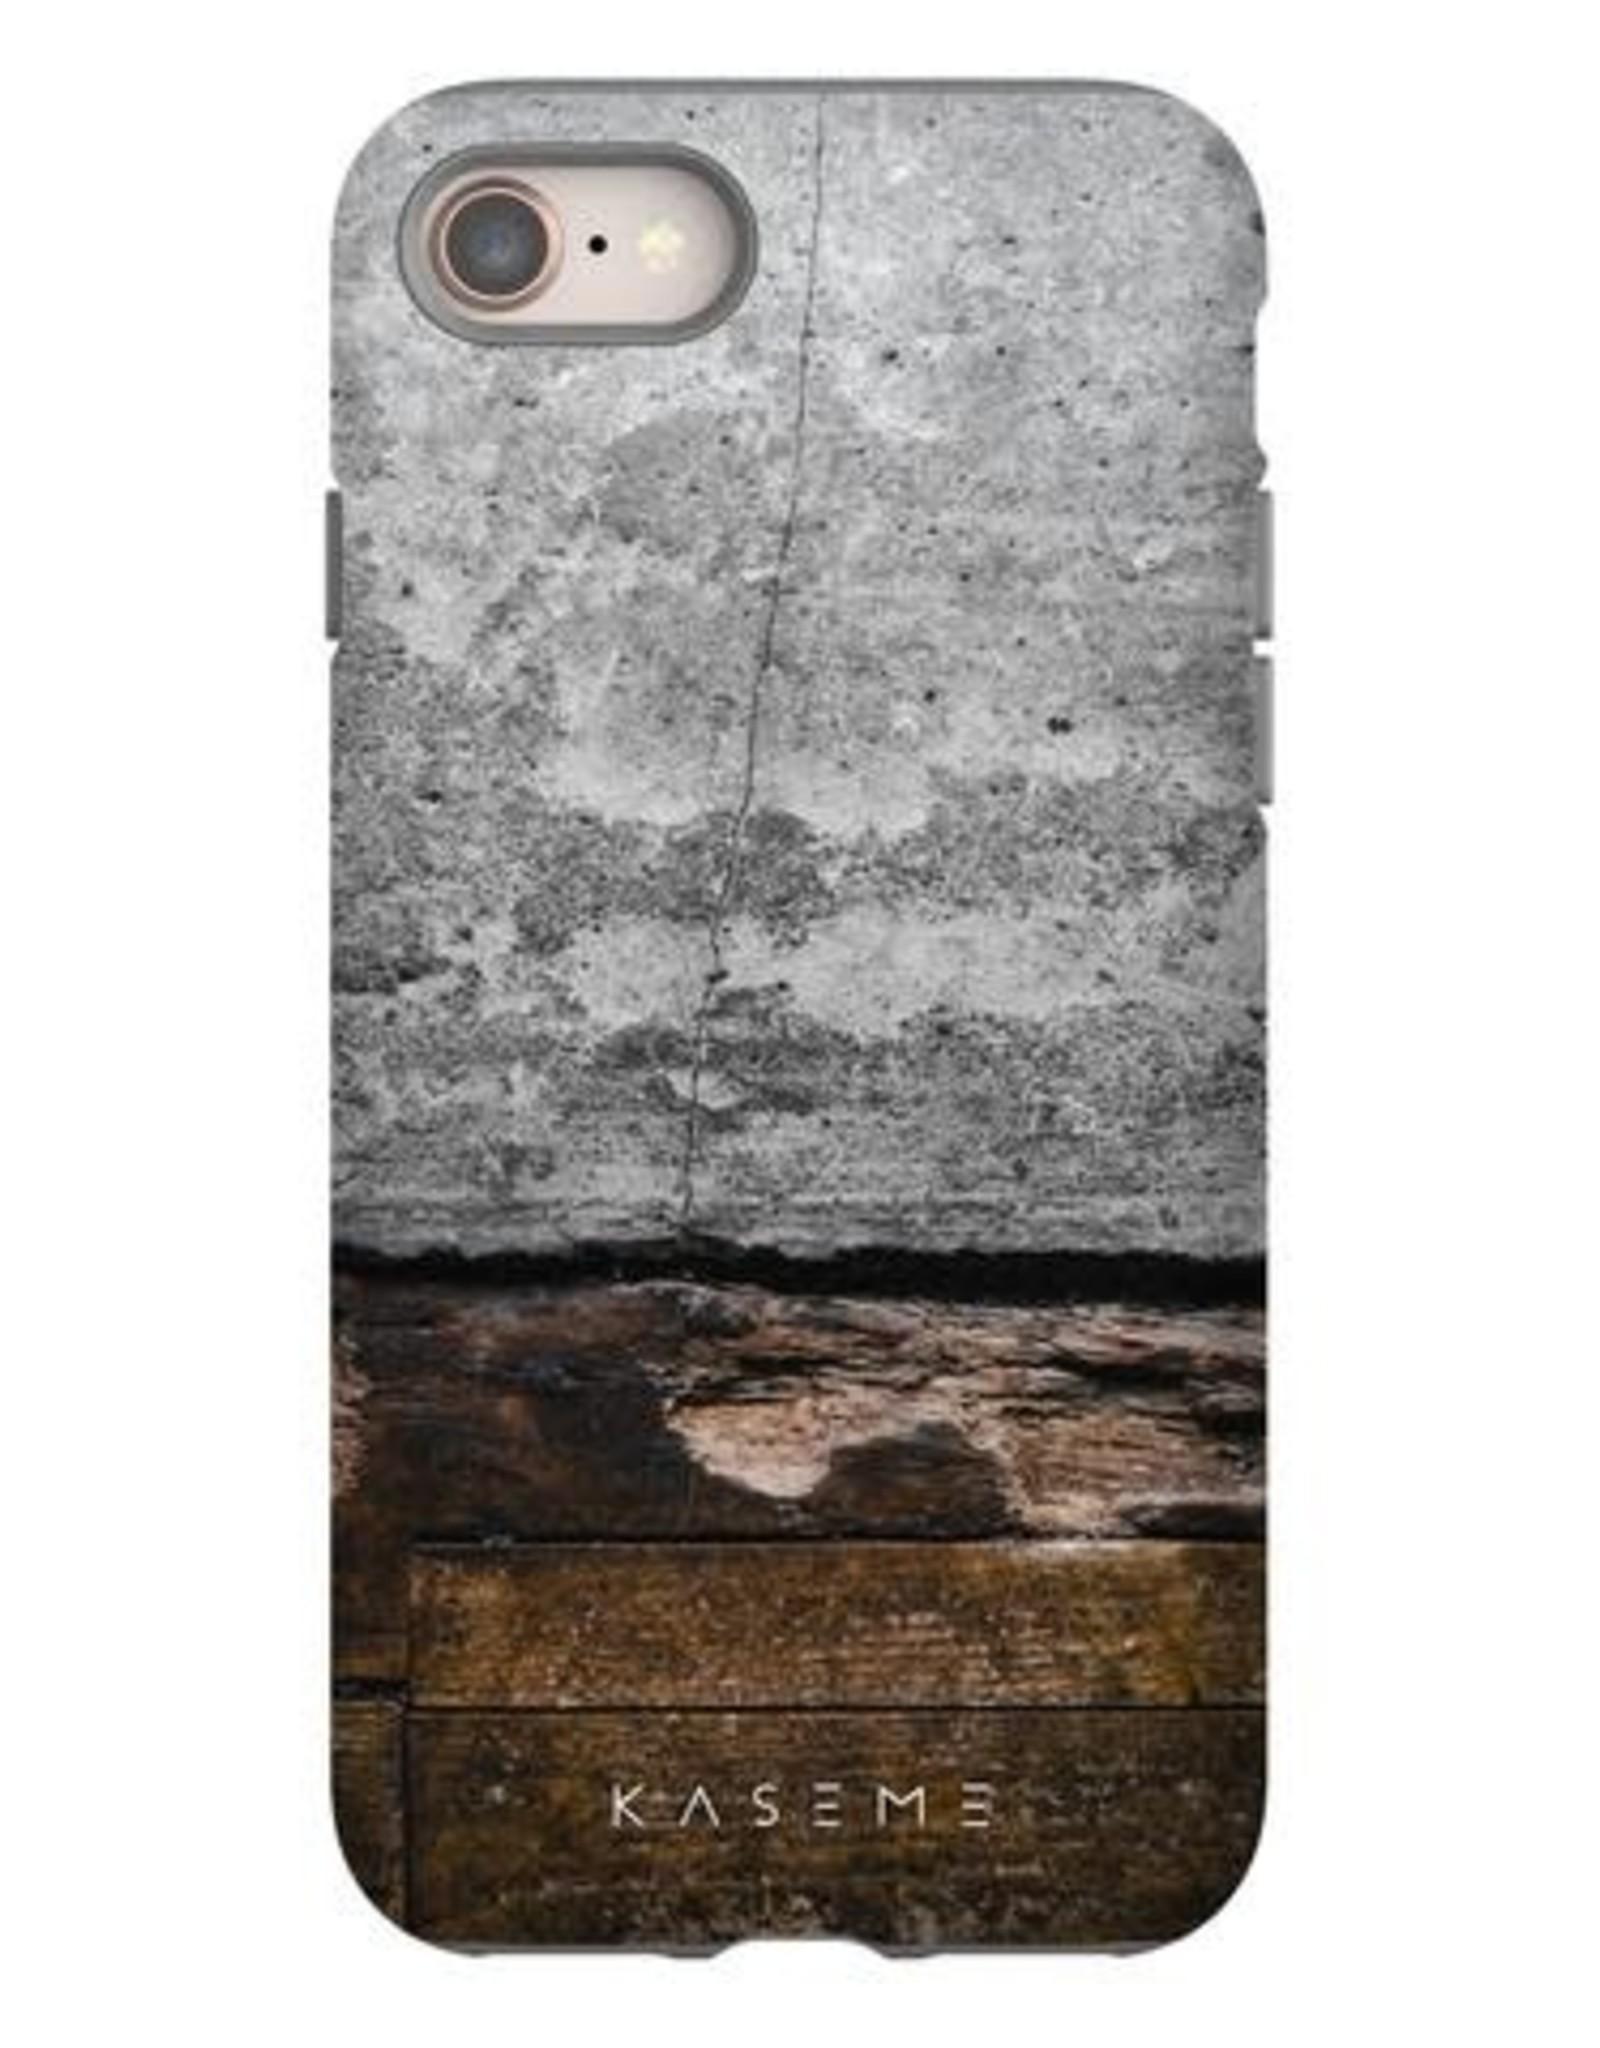 Kaseme Kaseme - étui cellulaire iPhone omega